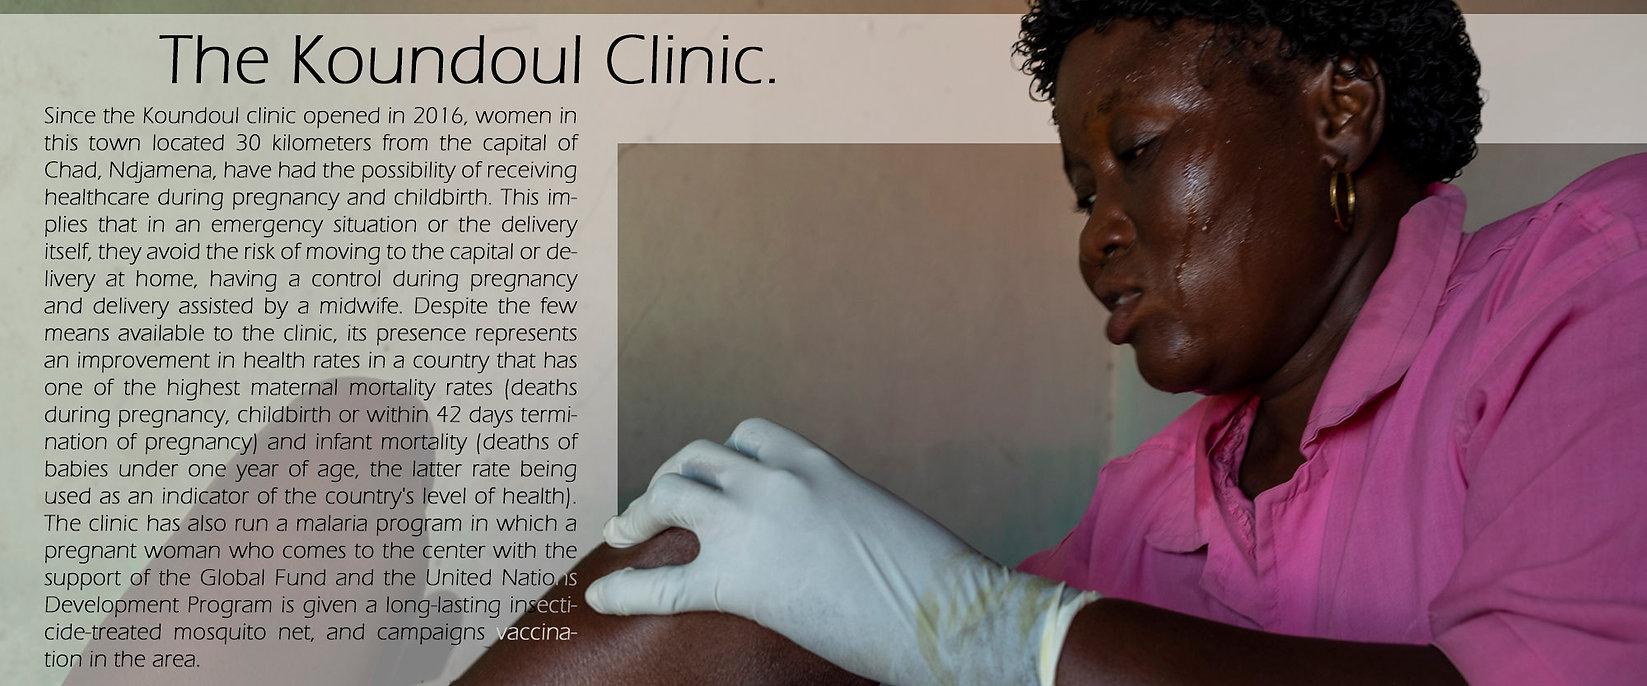 Koundoul Clinic.jpg